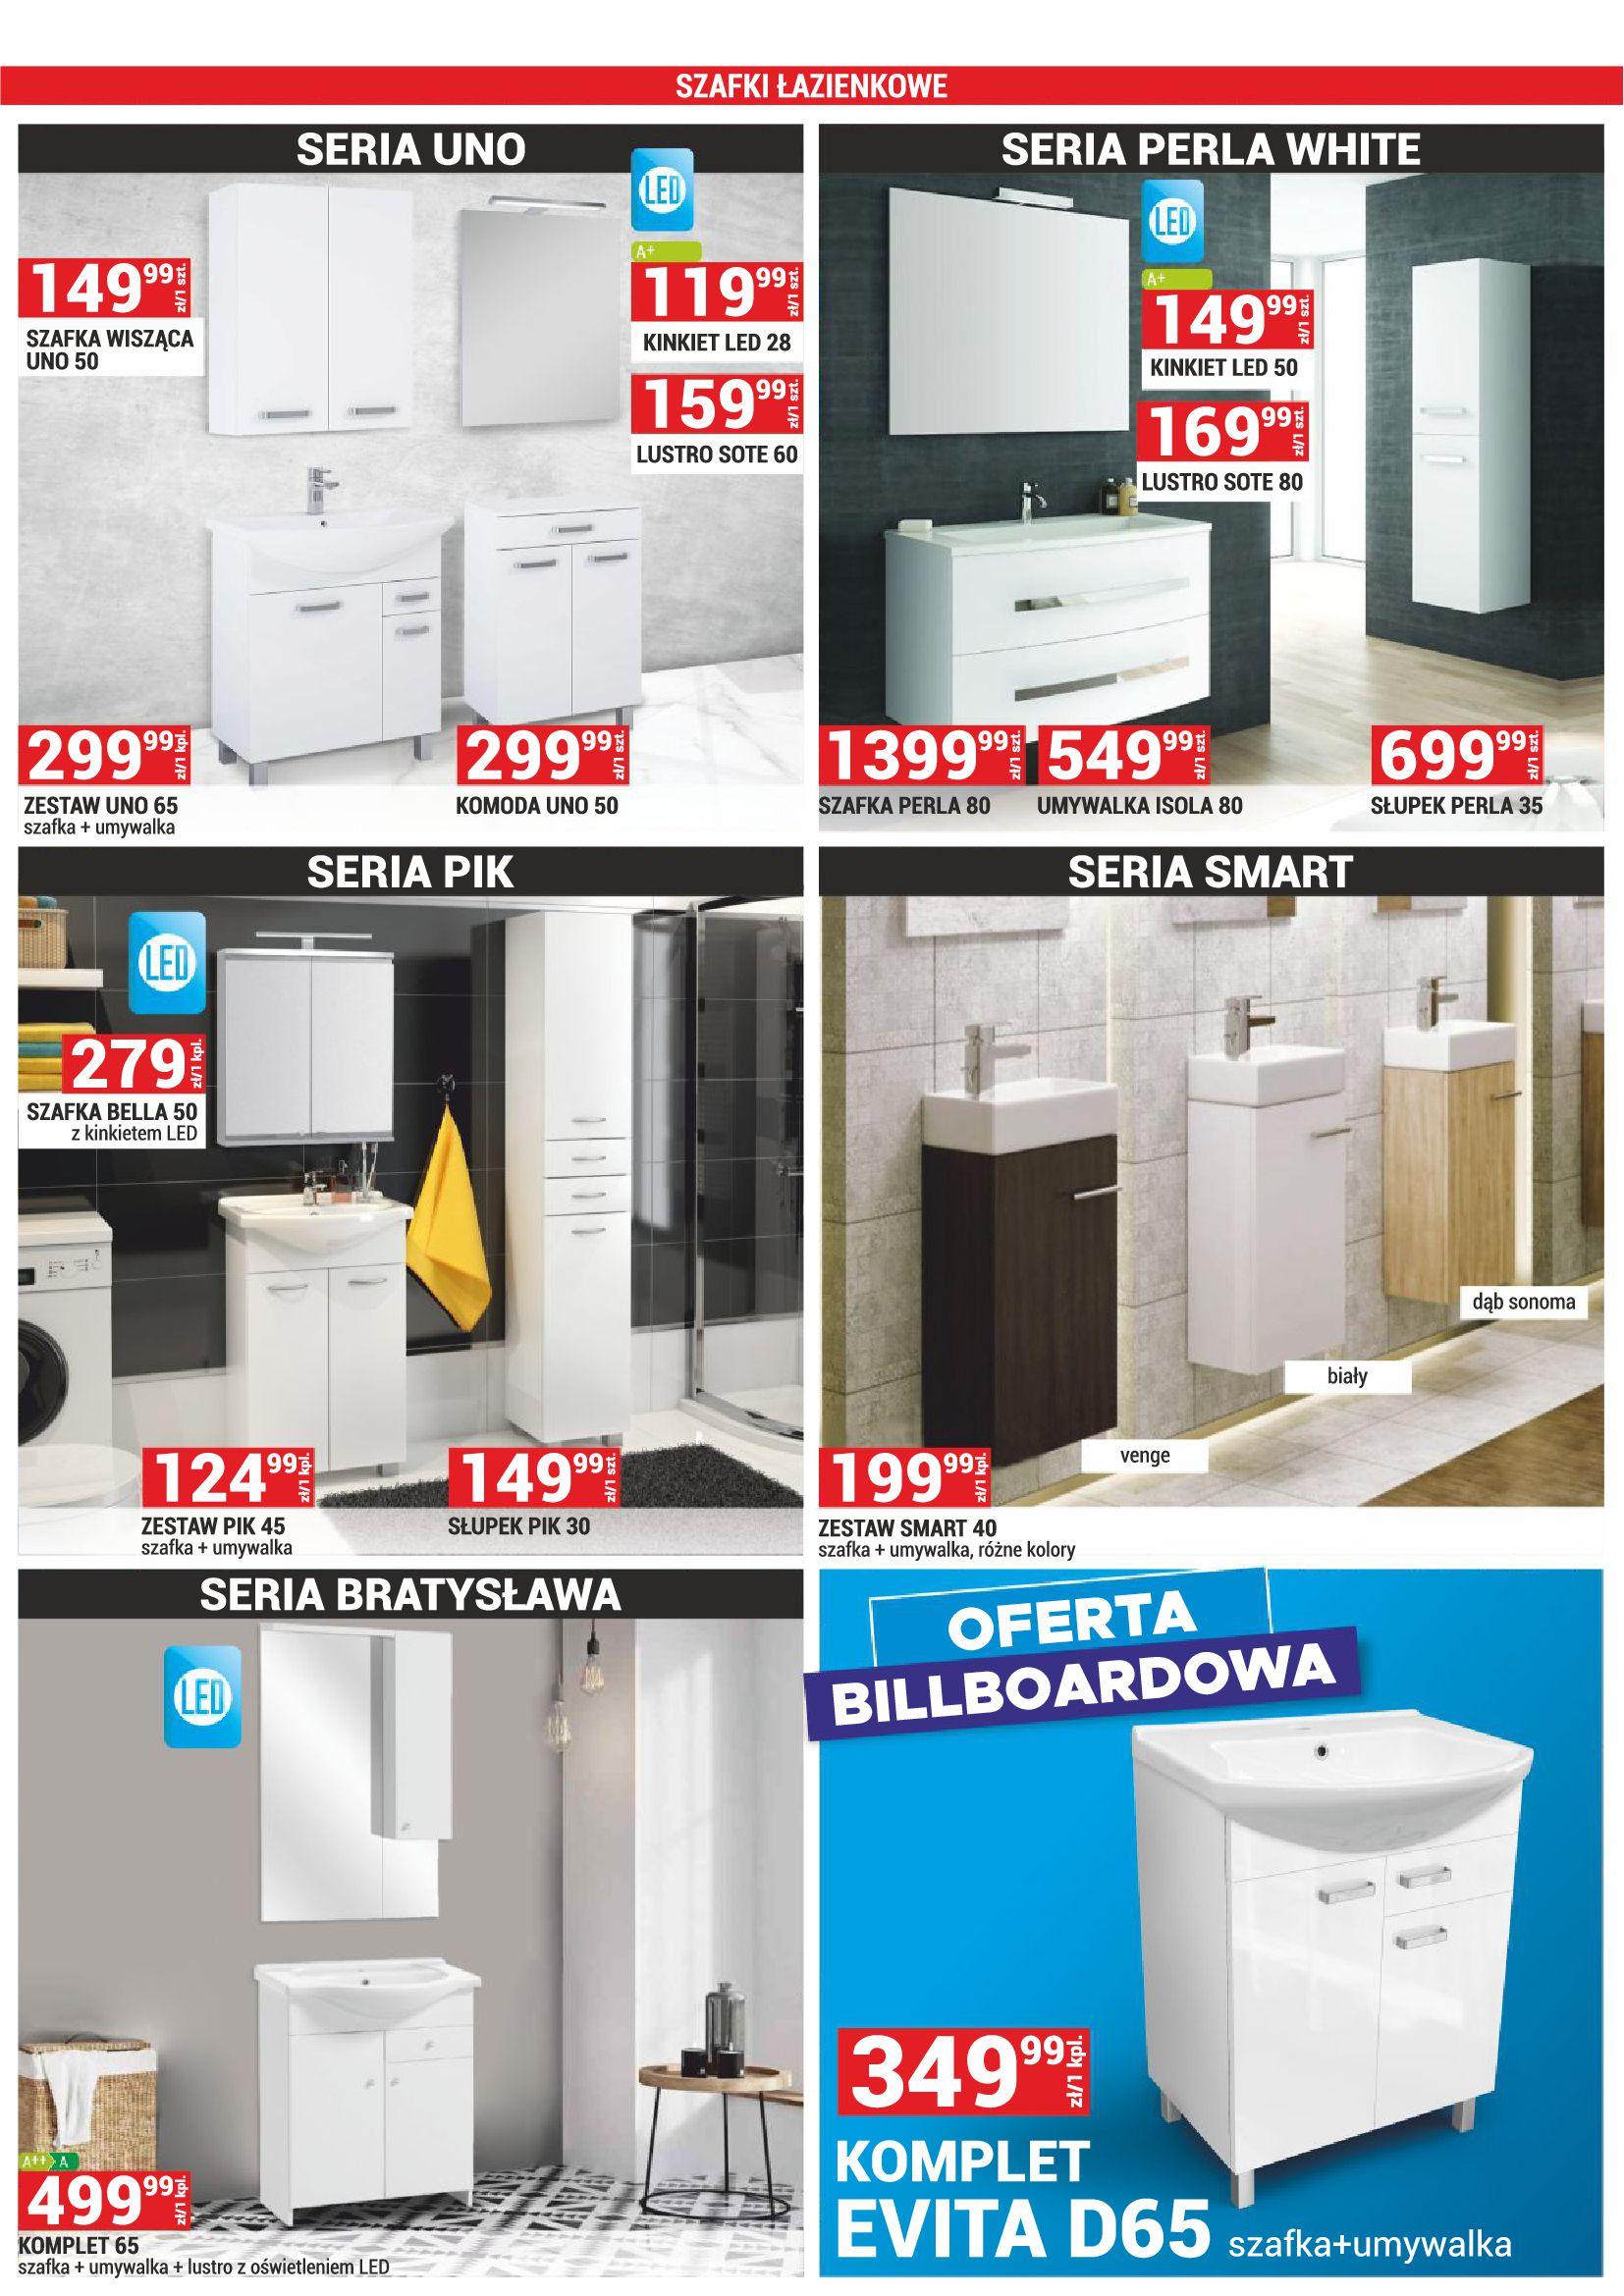 Gazetka Merkurymarket.pl: Gazetka promocyjna 2021-04-01 page-30